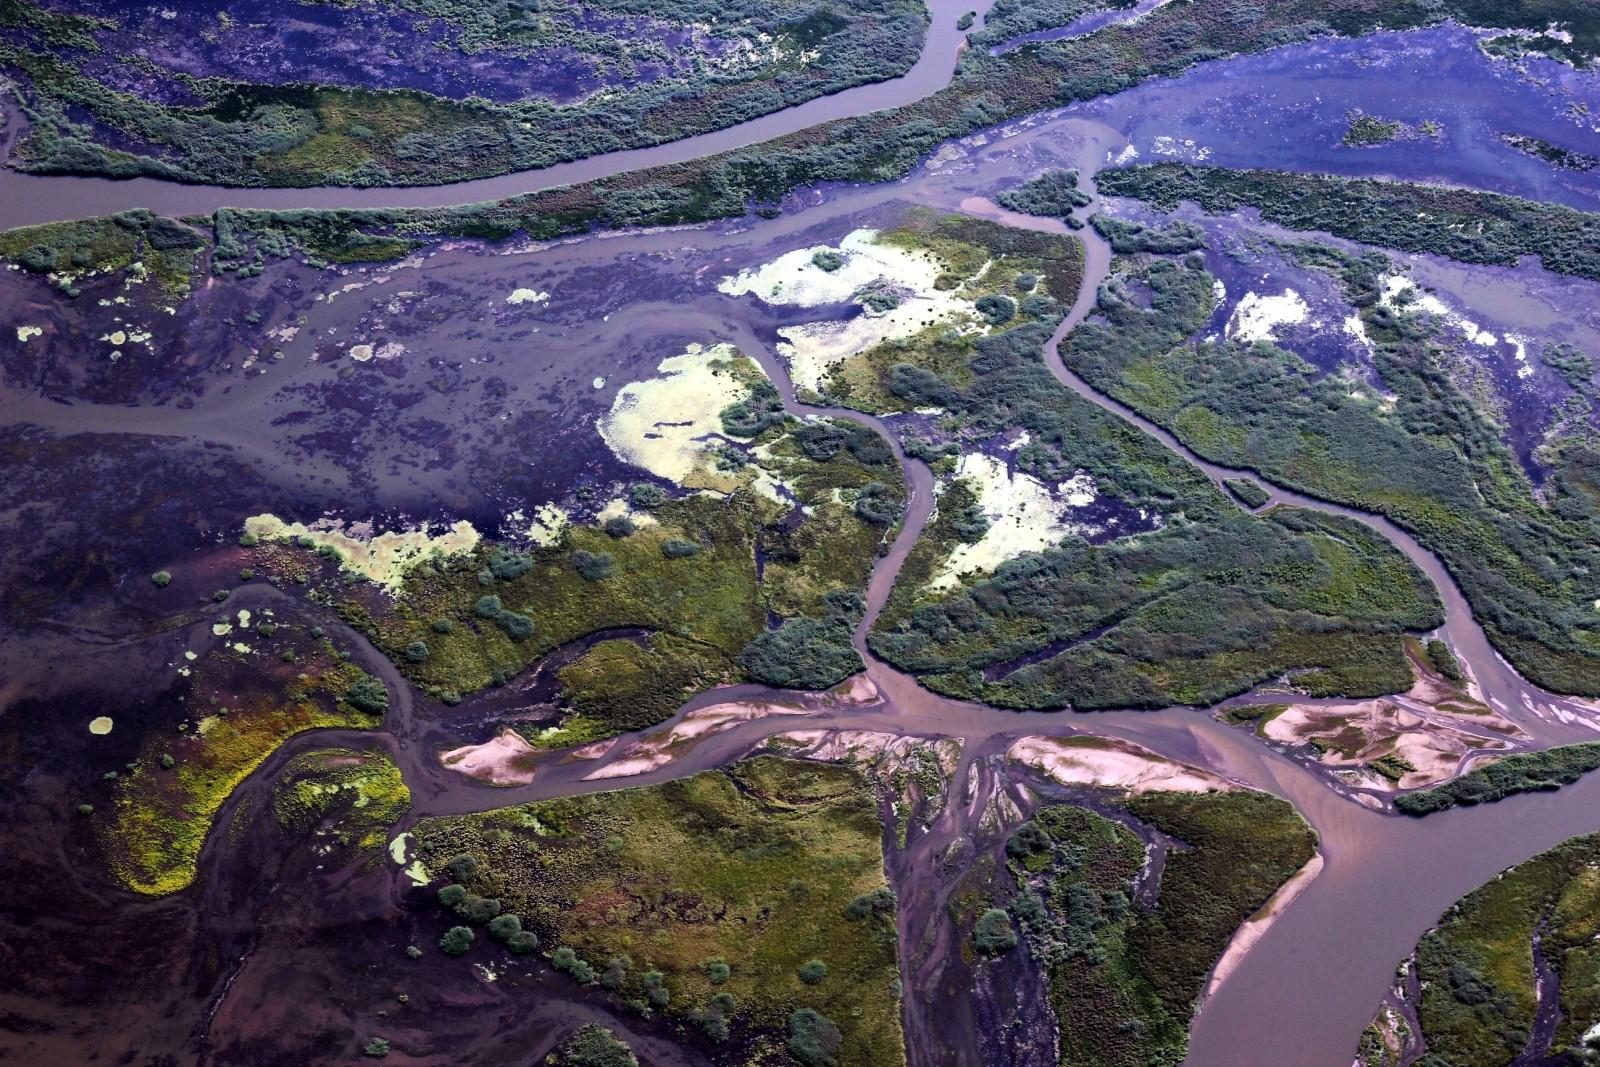 Where the Selenga River meets the Lake Baikal.  Credit:  Galina Shinkareva  (distributed via imaggeo.egu.eu)